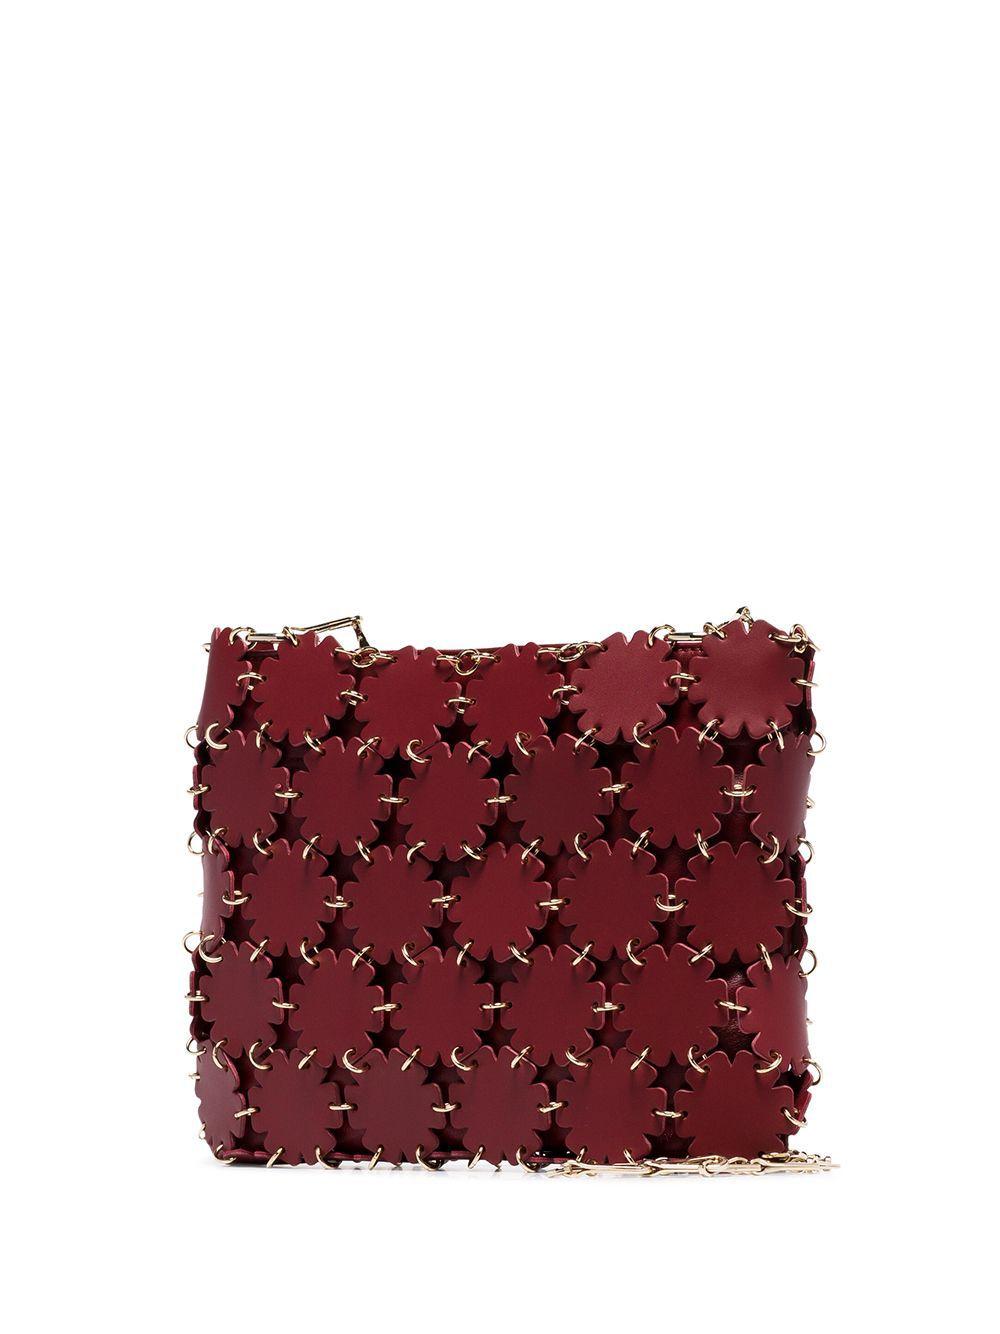 Paco Rabanne | сумка на плечо Iconic 1969 Blossom | Clouty